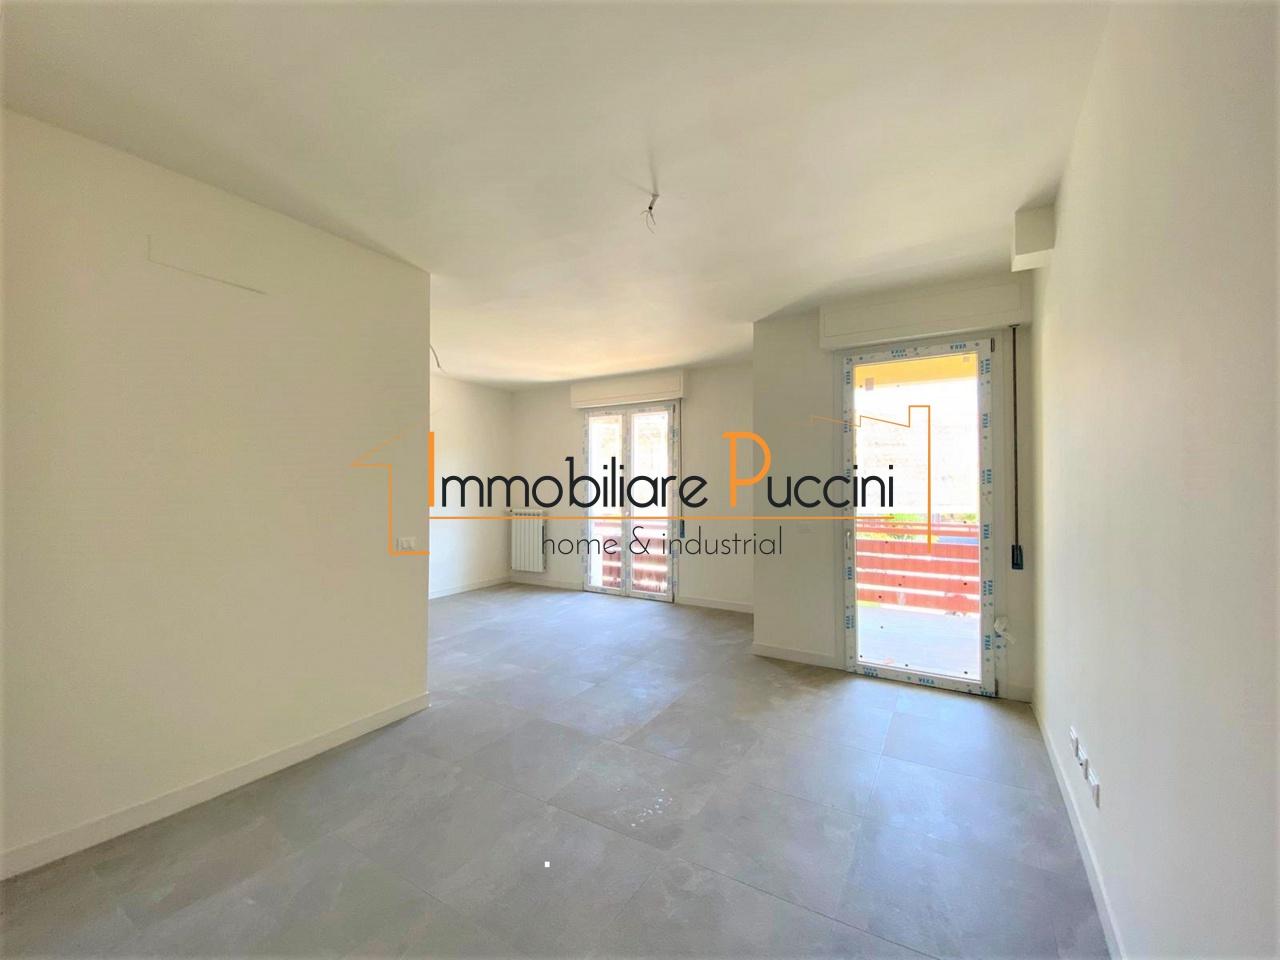 Appartamento in vendita a Calenzano, 3 locali, prezzo € 238.000 | CambioCasa.it